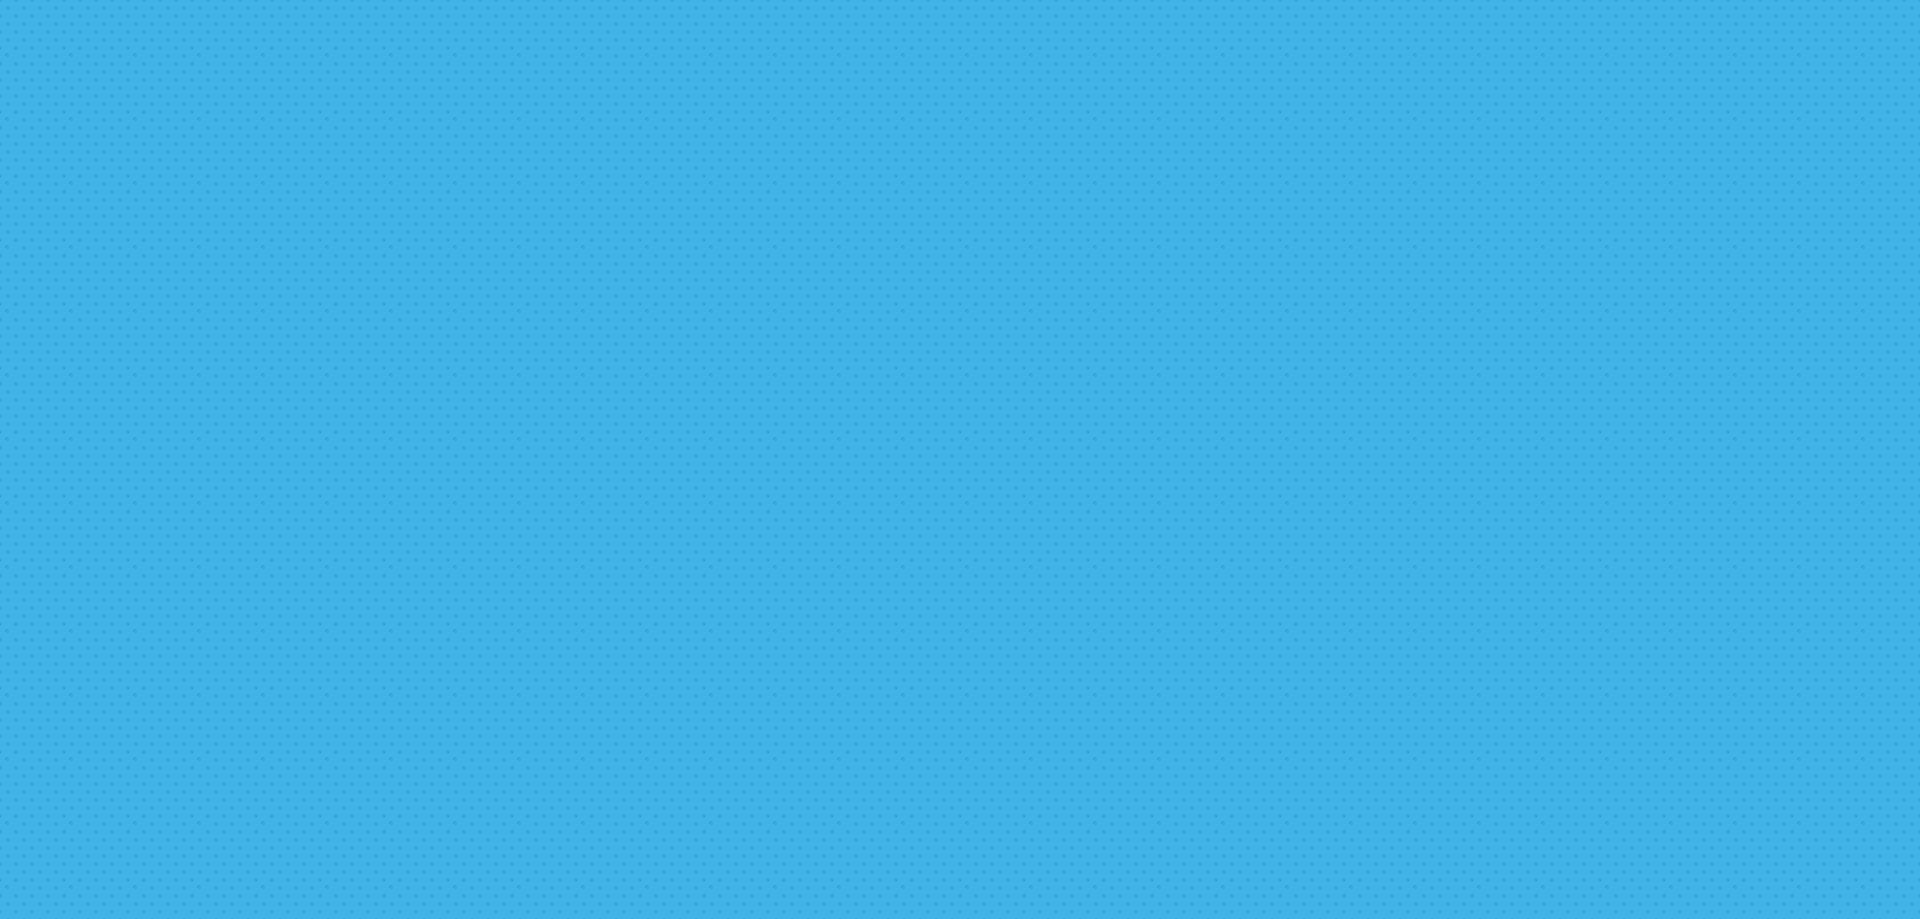 cs-blue-bg